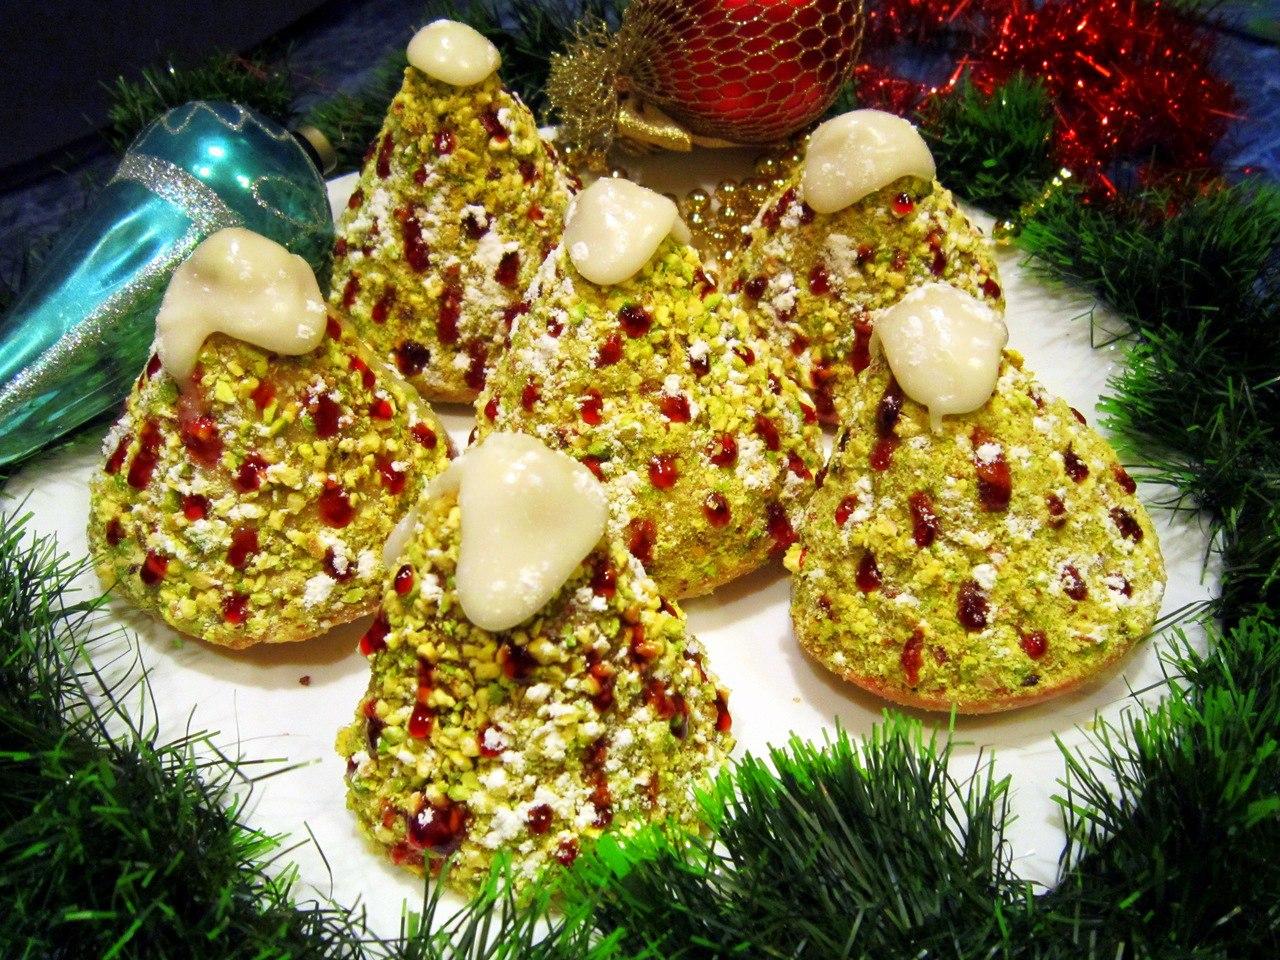 Традиционные блюда на рождество. 12 блюд на рождество - рецепты, постные блюда